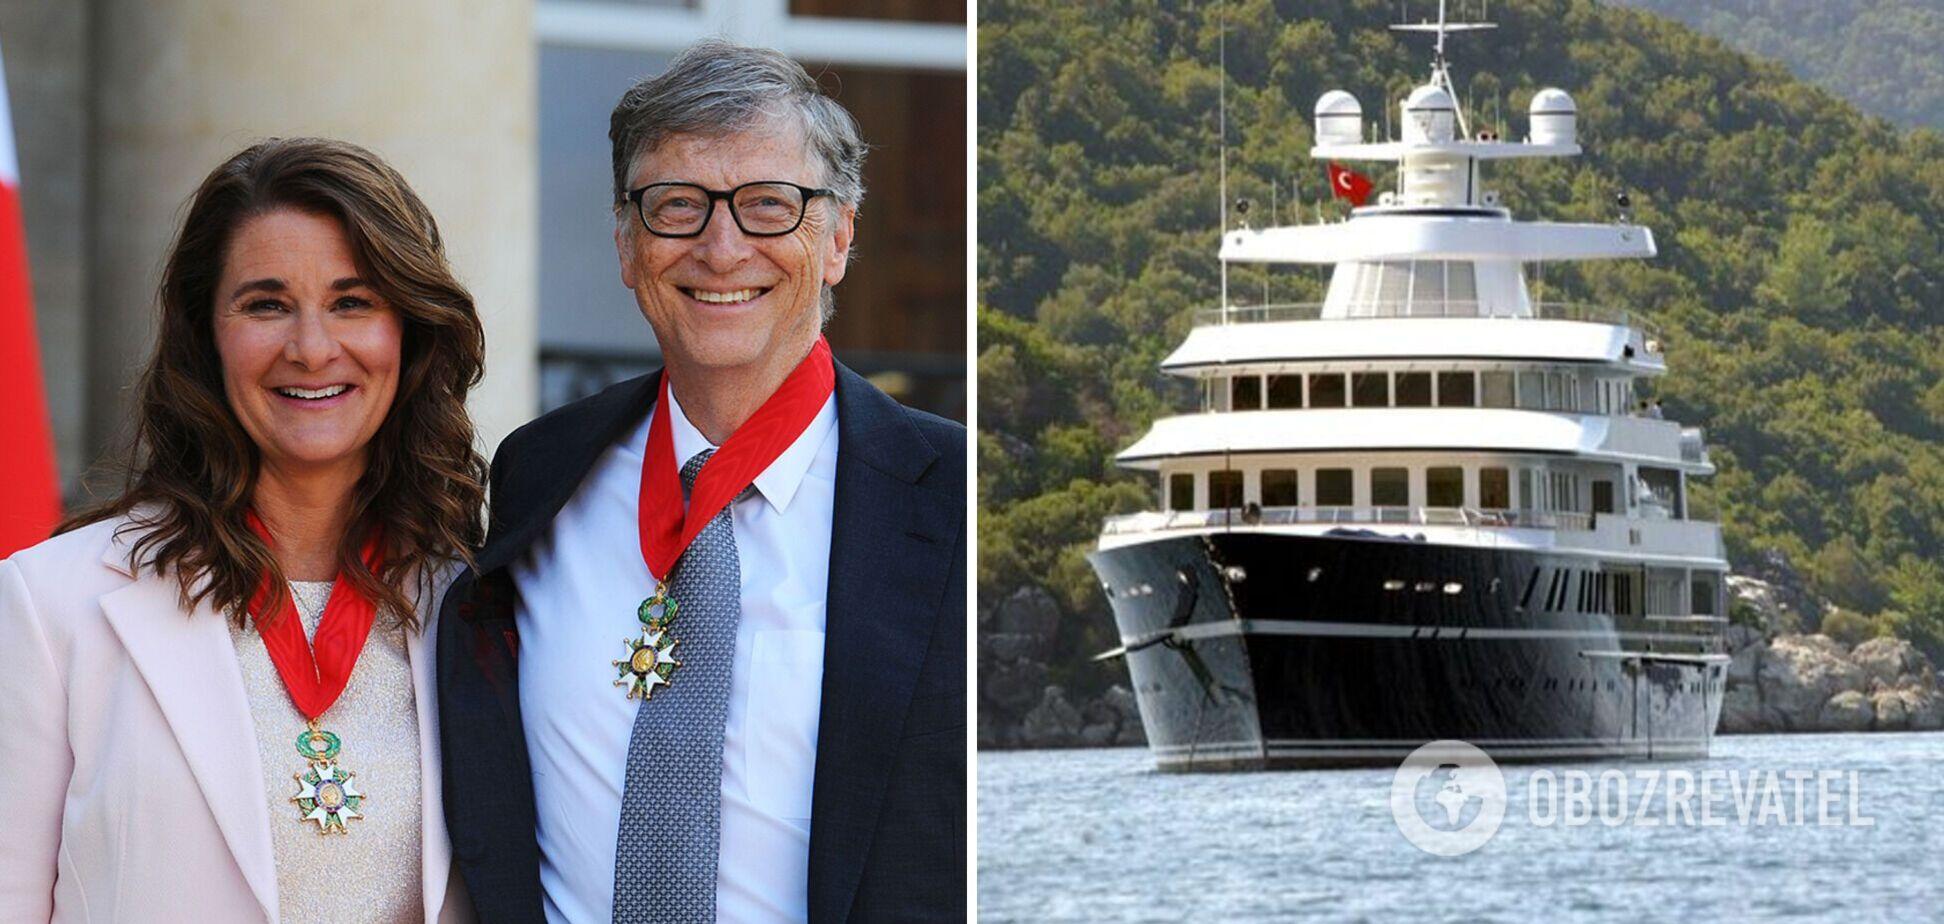 Приватні літаки та елітні маєтки: які статки нажили Гейтси у шлюбі